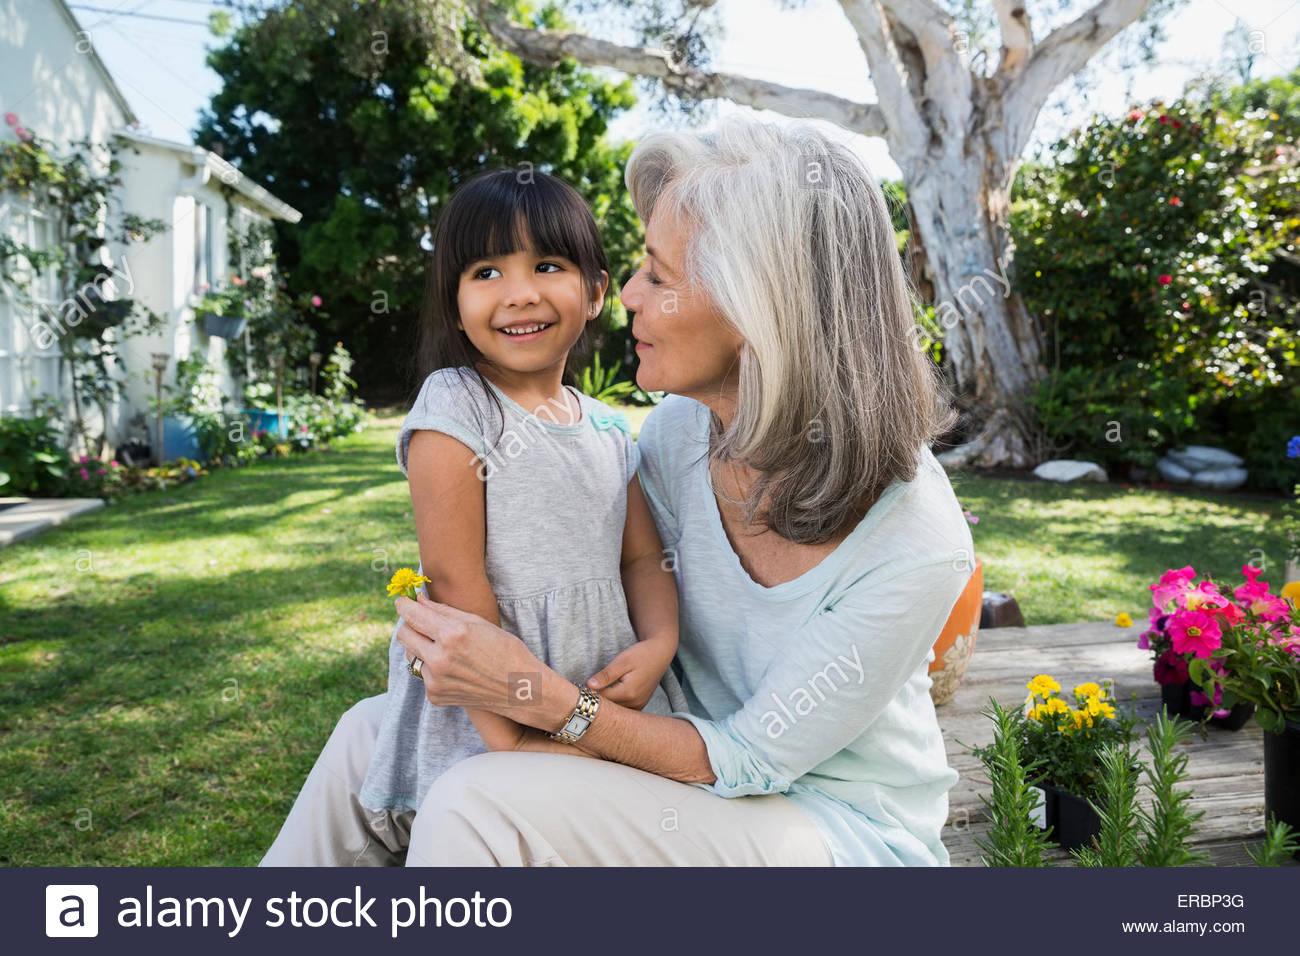 La nipote e nonna abbracciando in giardino nel cortile Immagini Stock